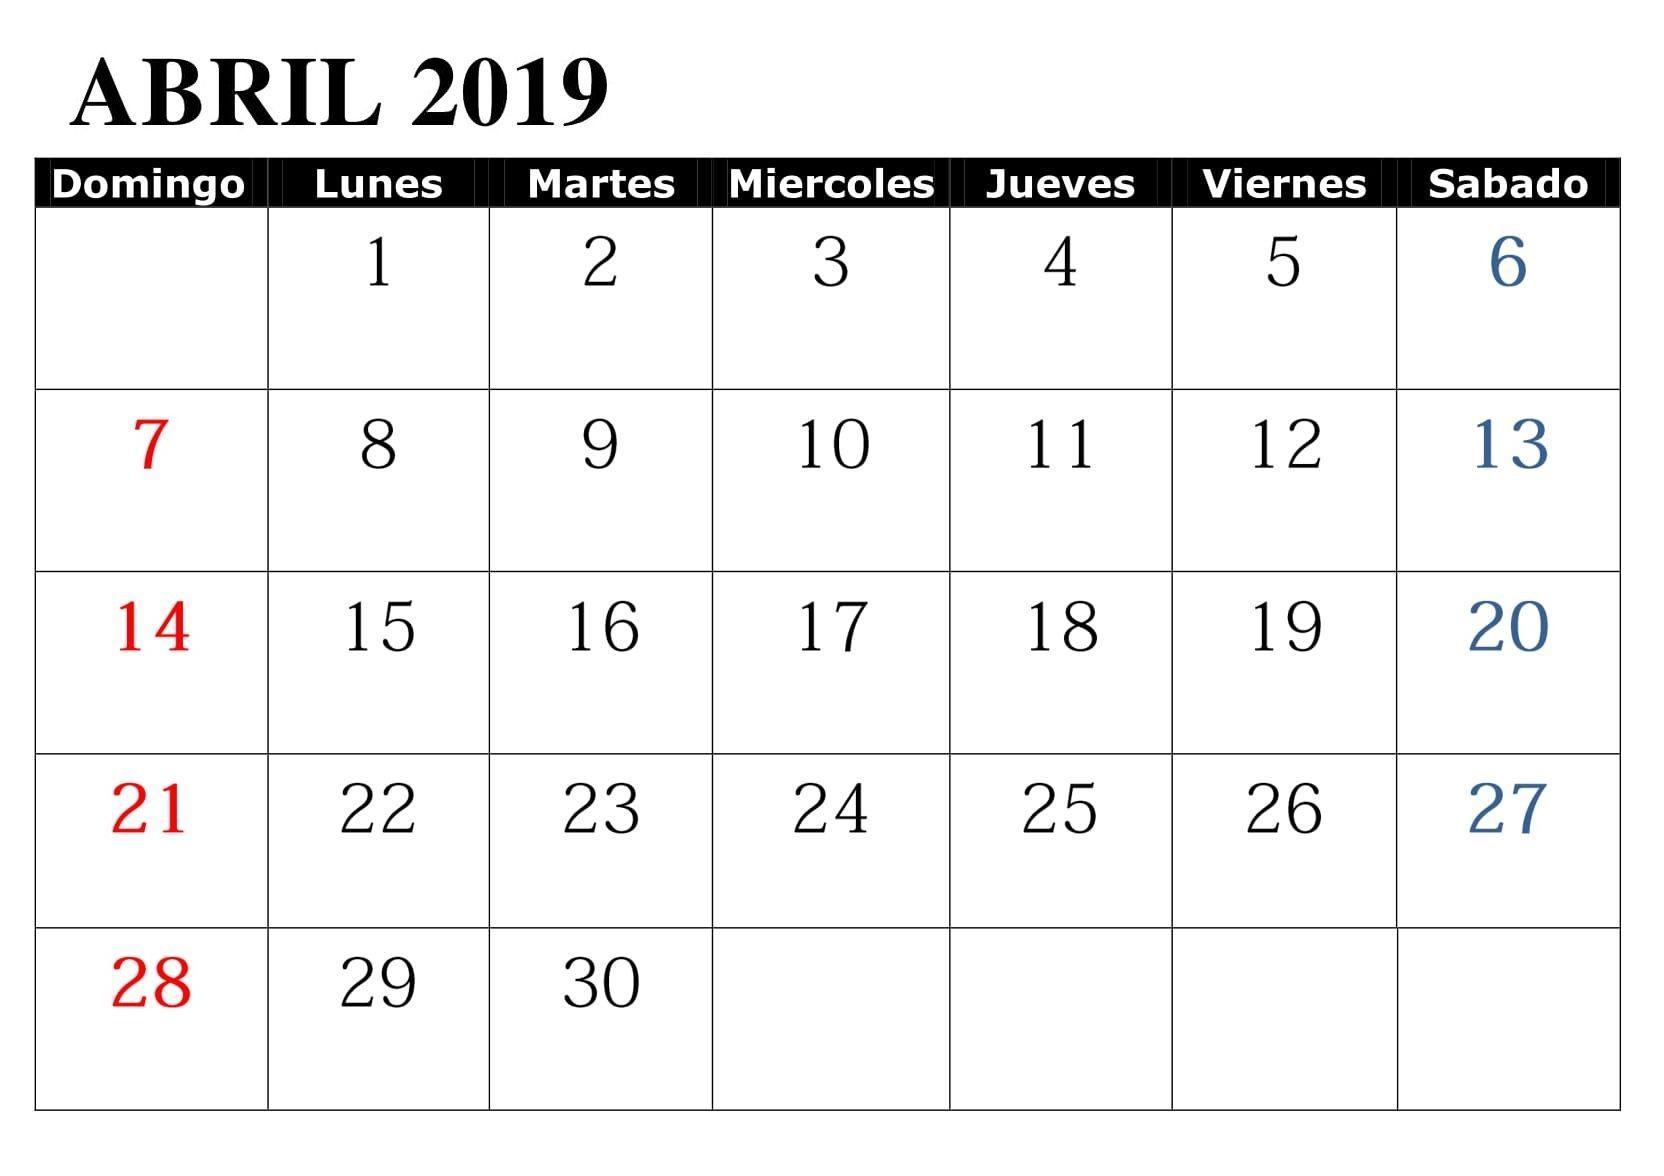 Calendario 2019 Colombia Word Más Recientemente Liberado Abril 2019 Con Festivos Word Calendario T Of Calendario 2019 Colombia Word Mejores Y Más Novedosos Esto Es A Menudo Calendario 2019 Colombia Enero